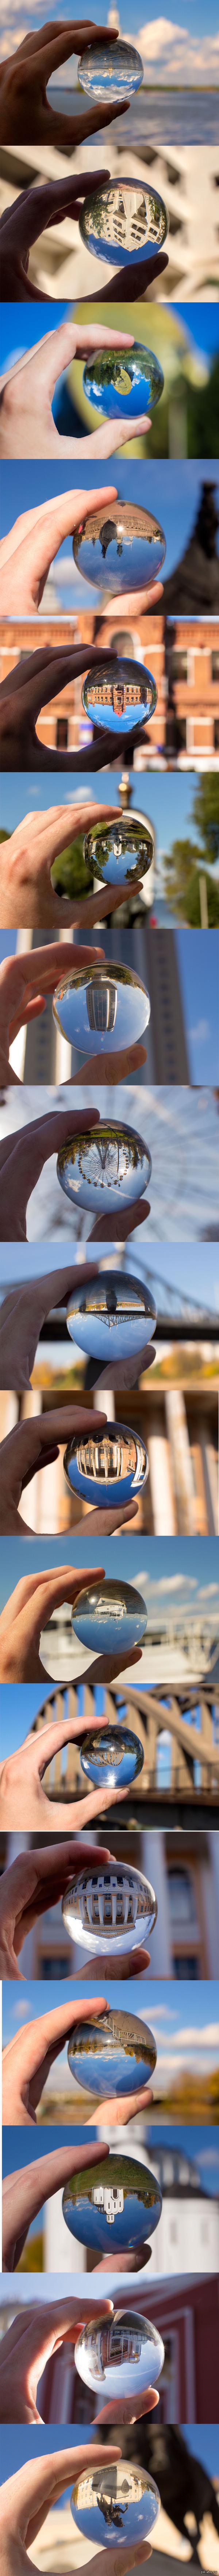 Мир в отражении Попал ко мне в руки стеклянный шар